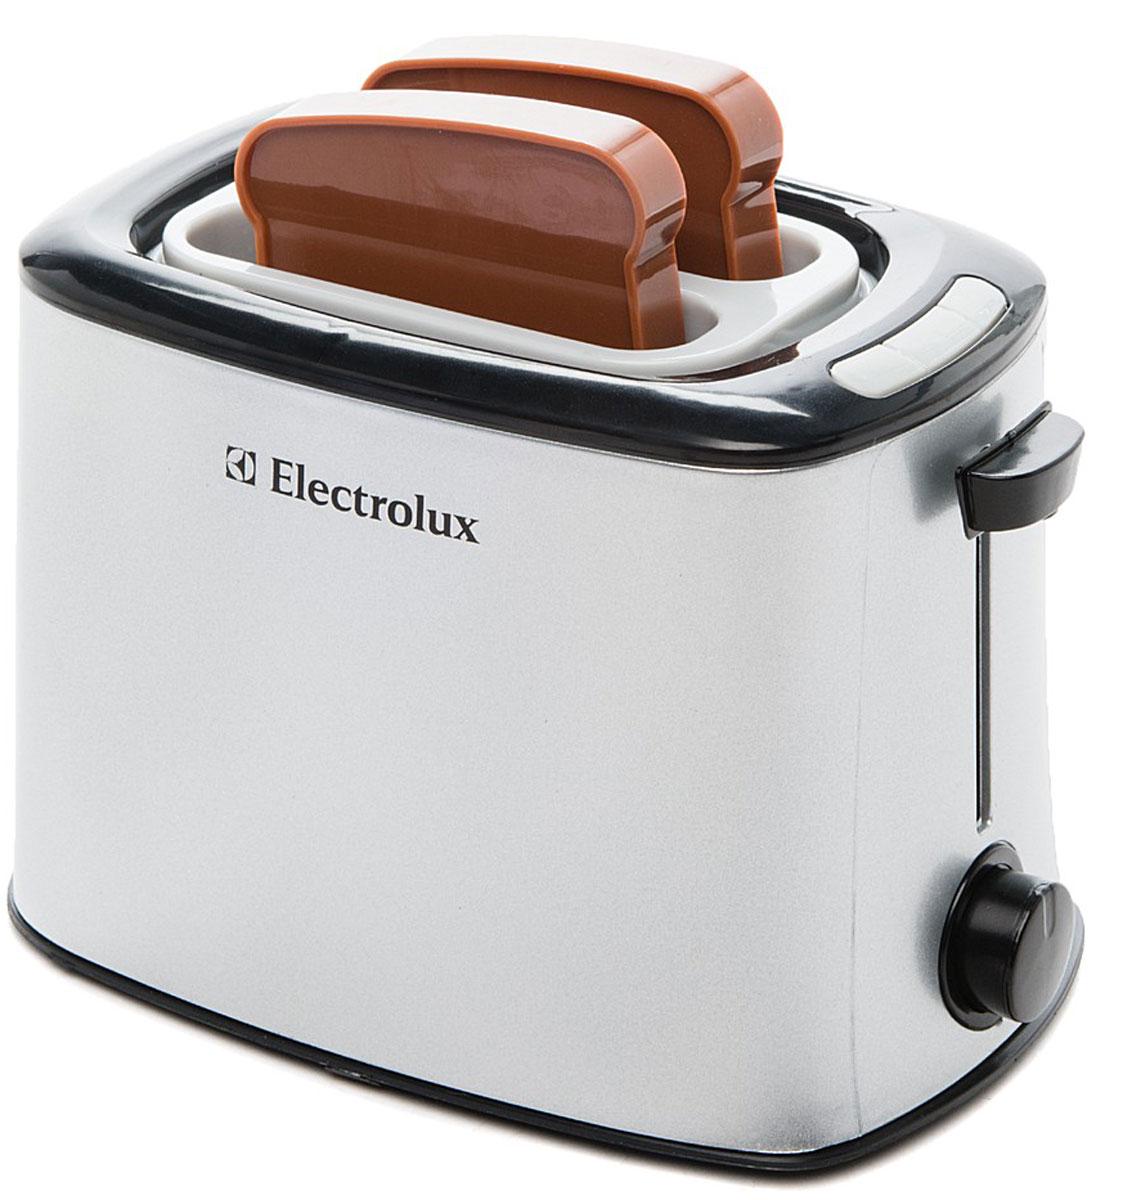 Klein Игровой набор Electrolux Тостер9215Игрушечная копия тостера ELECTROLUX. Работает без батареек. Вставьте пластмассовые кусочки хлеба, входящие в комплект, в тостер. Когда время закончится, раздастся звонок и тосты сами выпрыгнут из тостера.